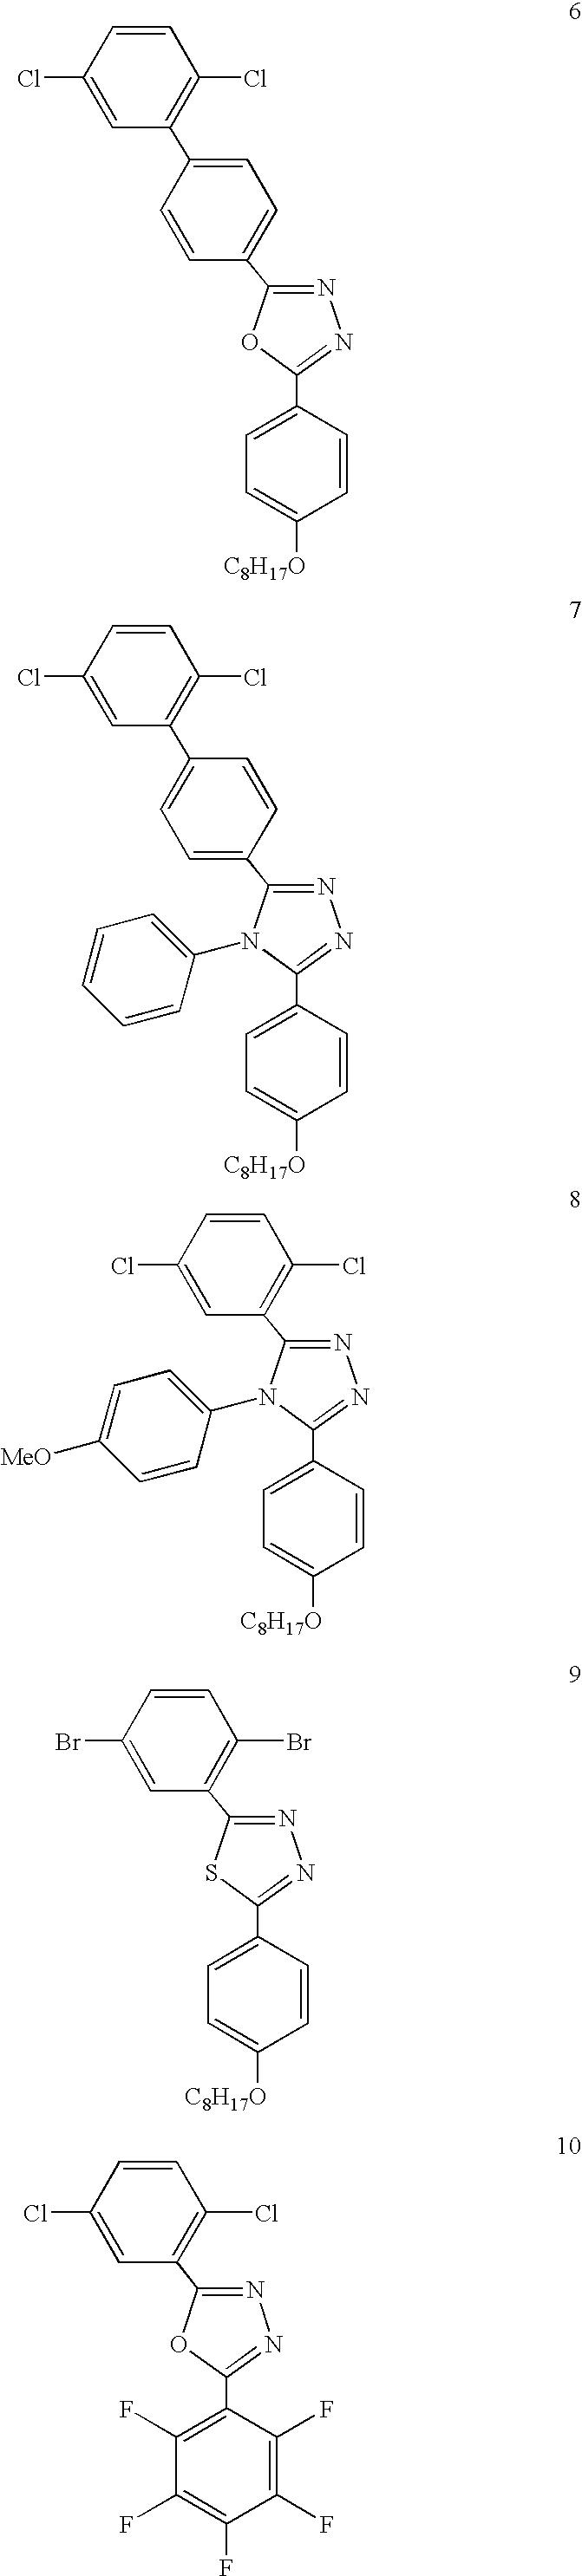 Figure US20040062930A1-20040401-C00102